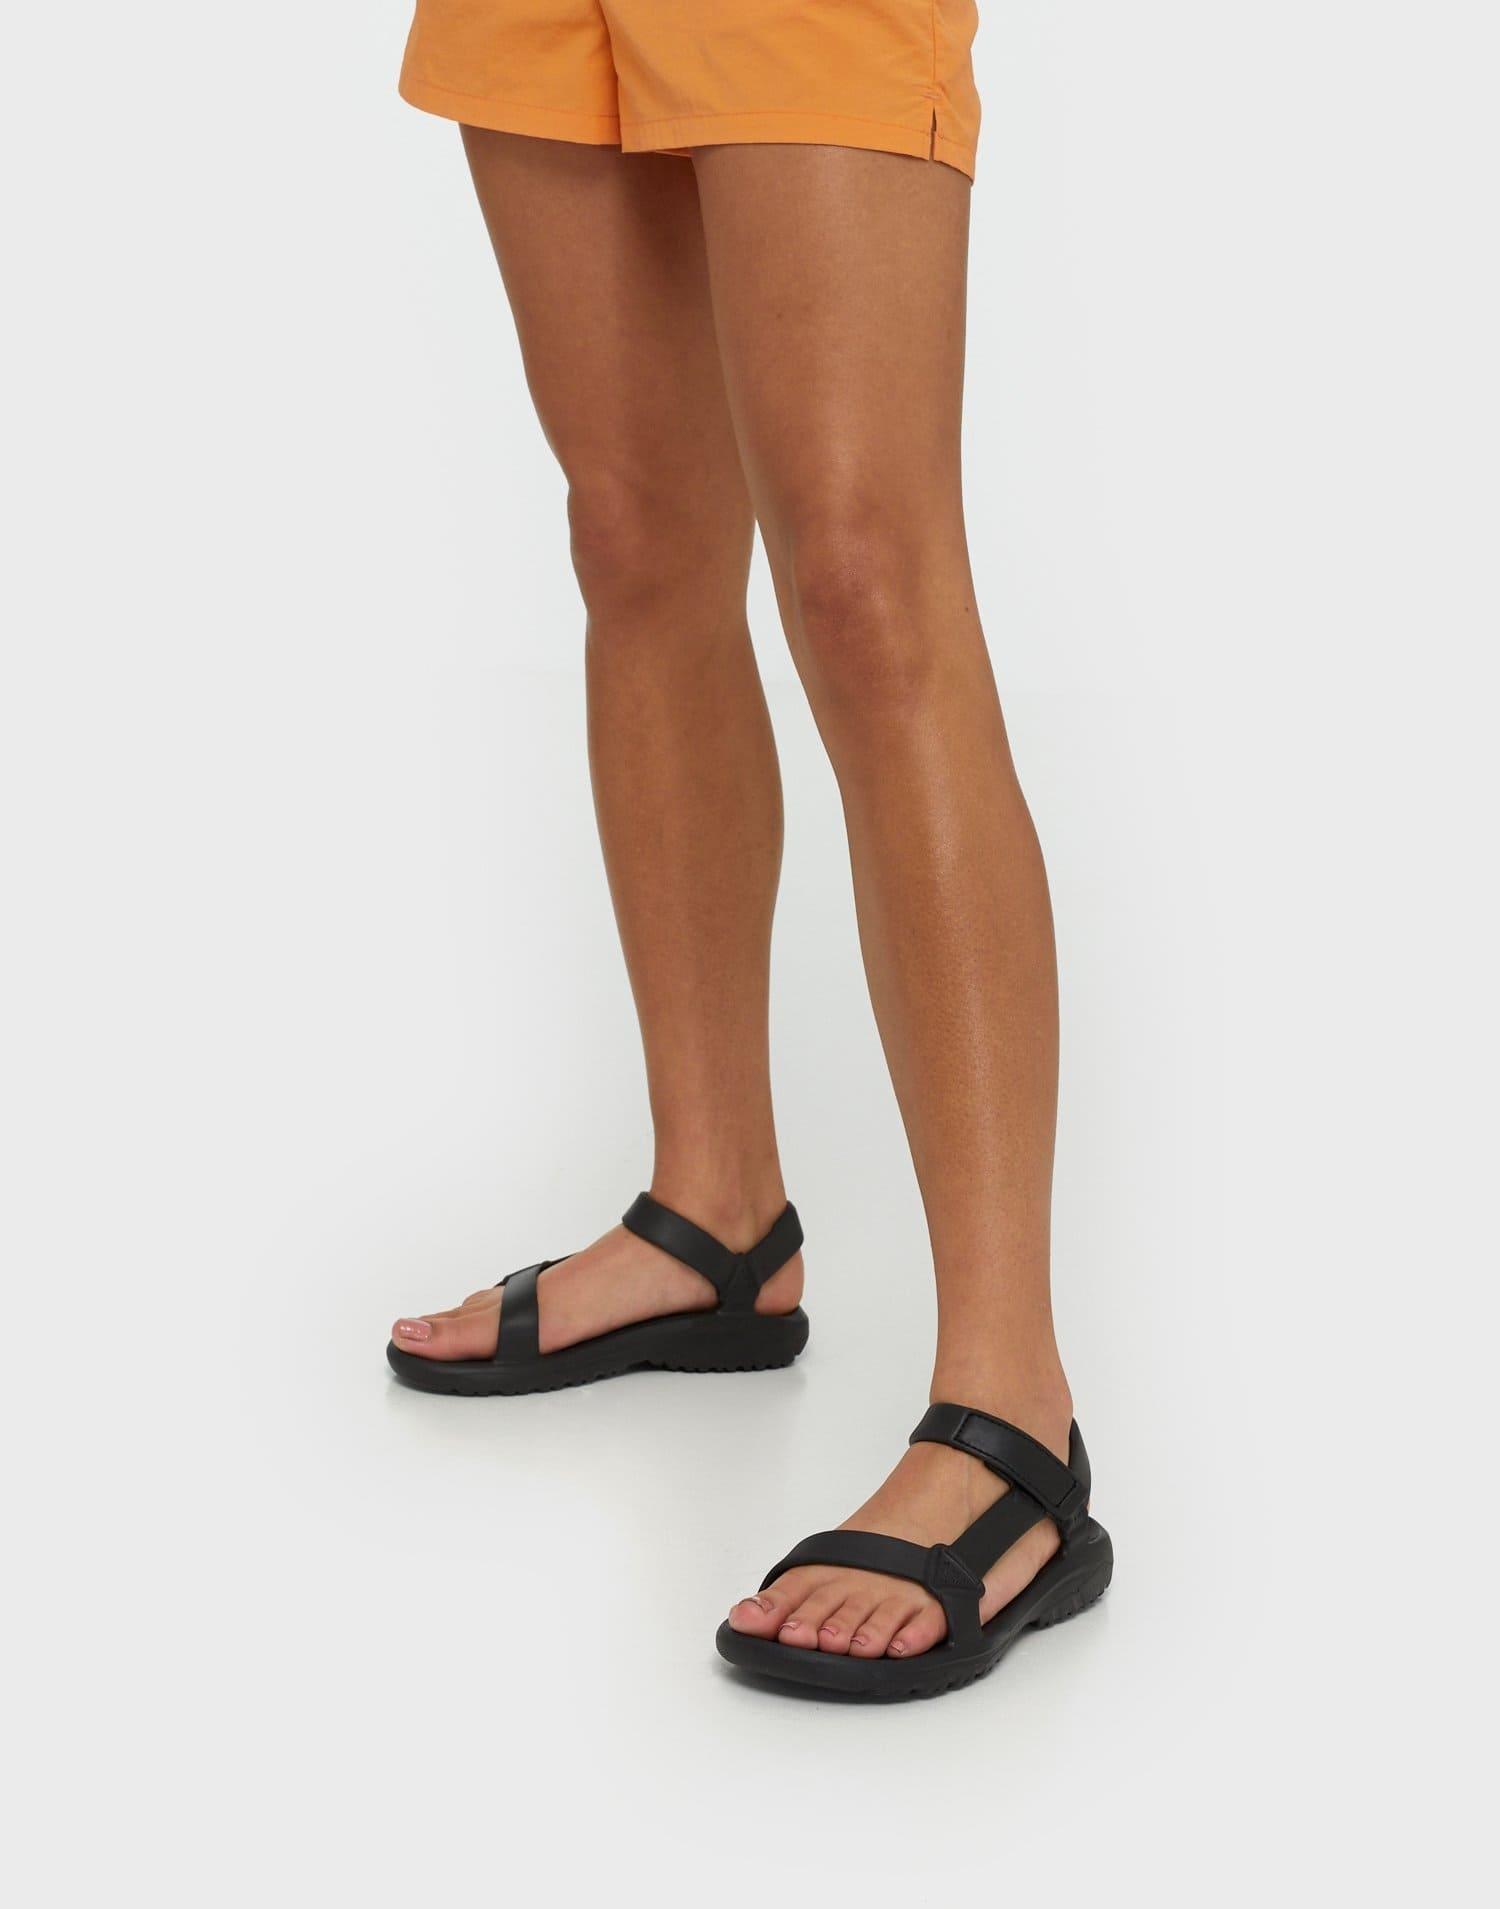 Sköna svarta sandaler för dam 2021